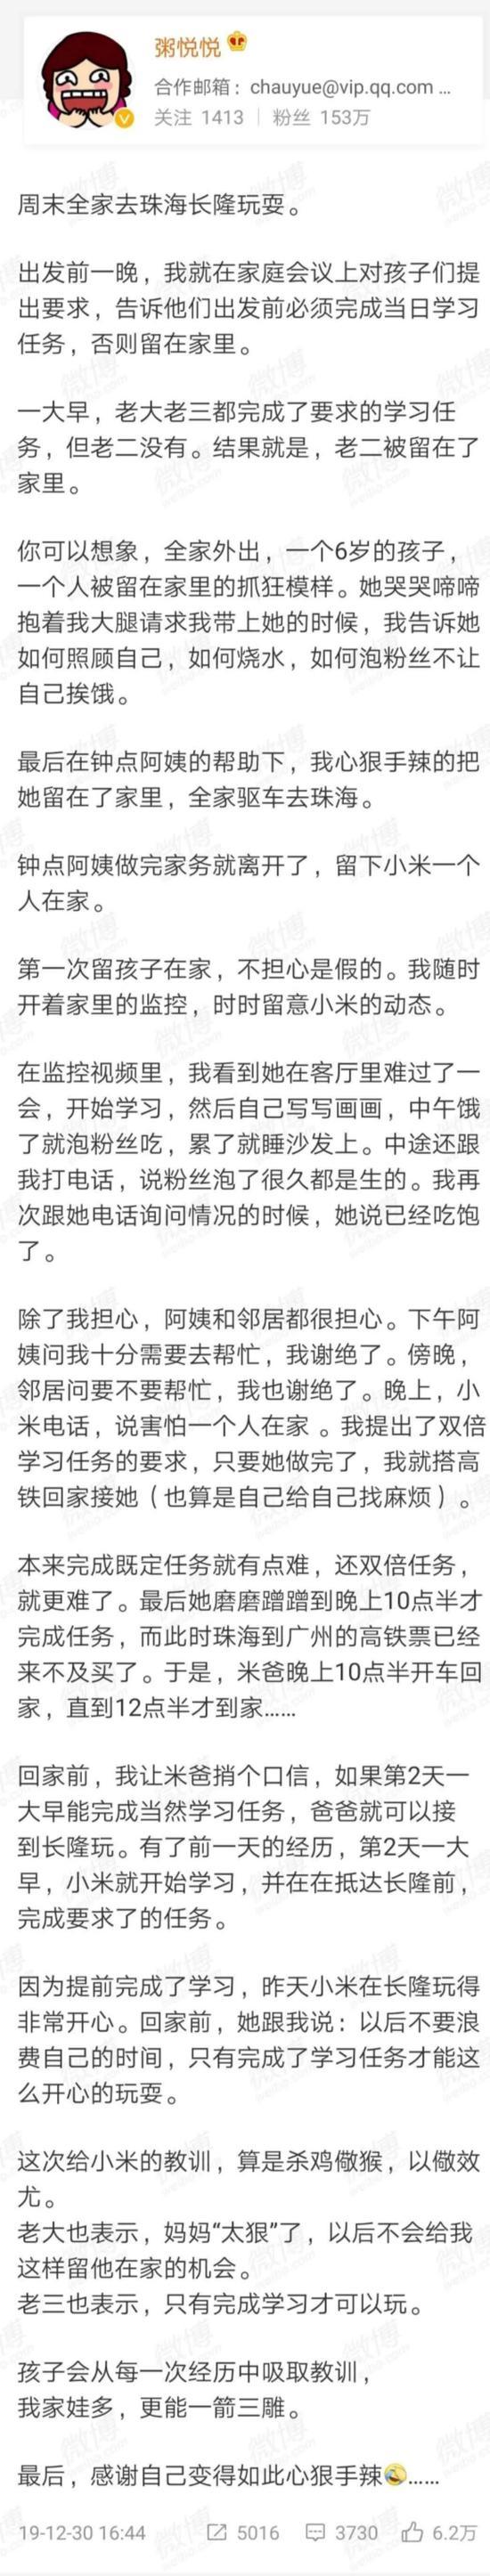 元隆雅图:与科大讯飞签署战略合作协议